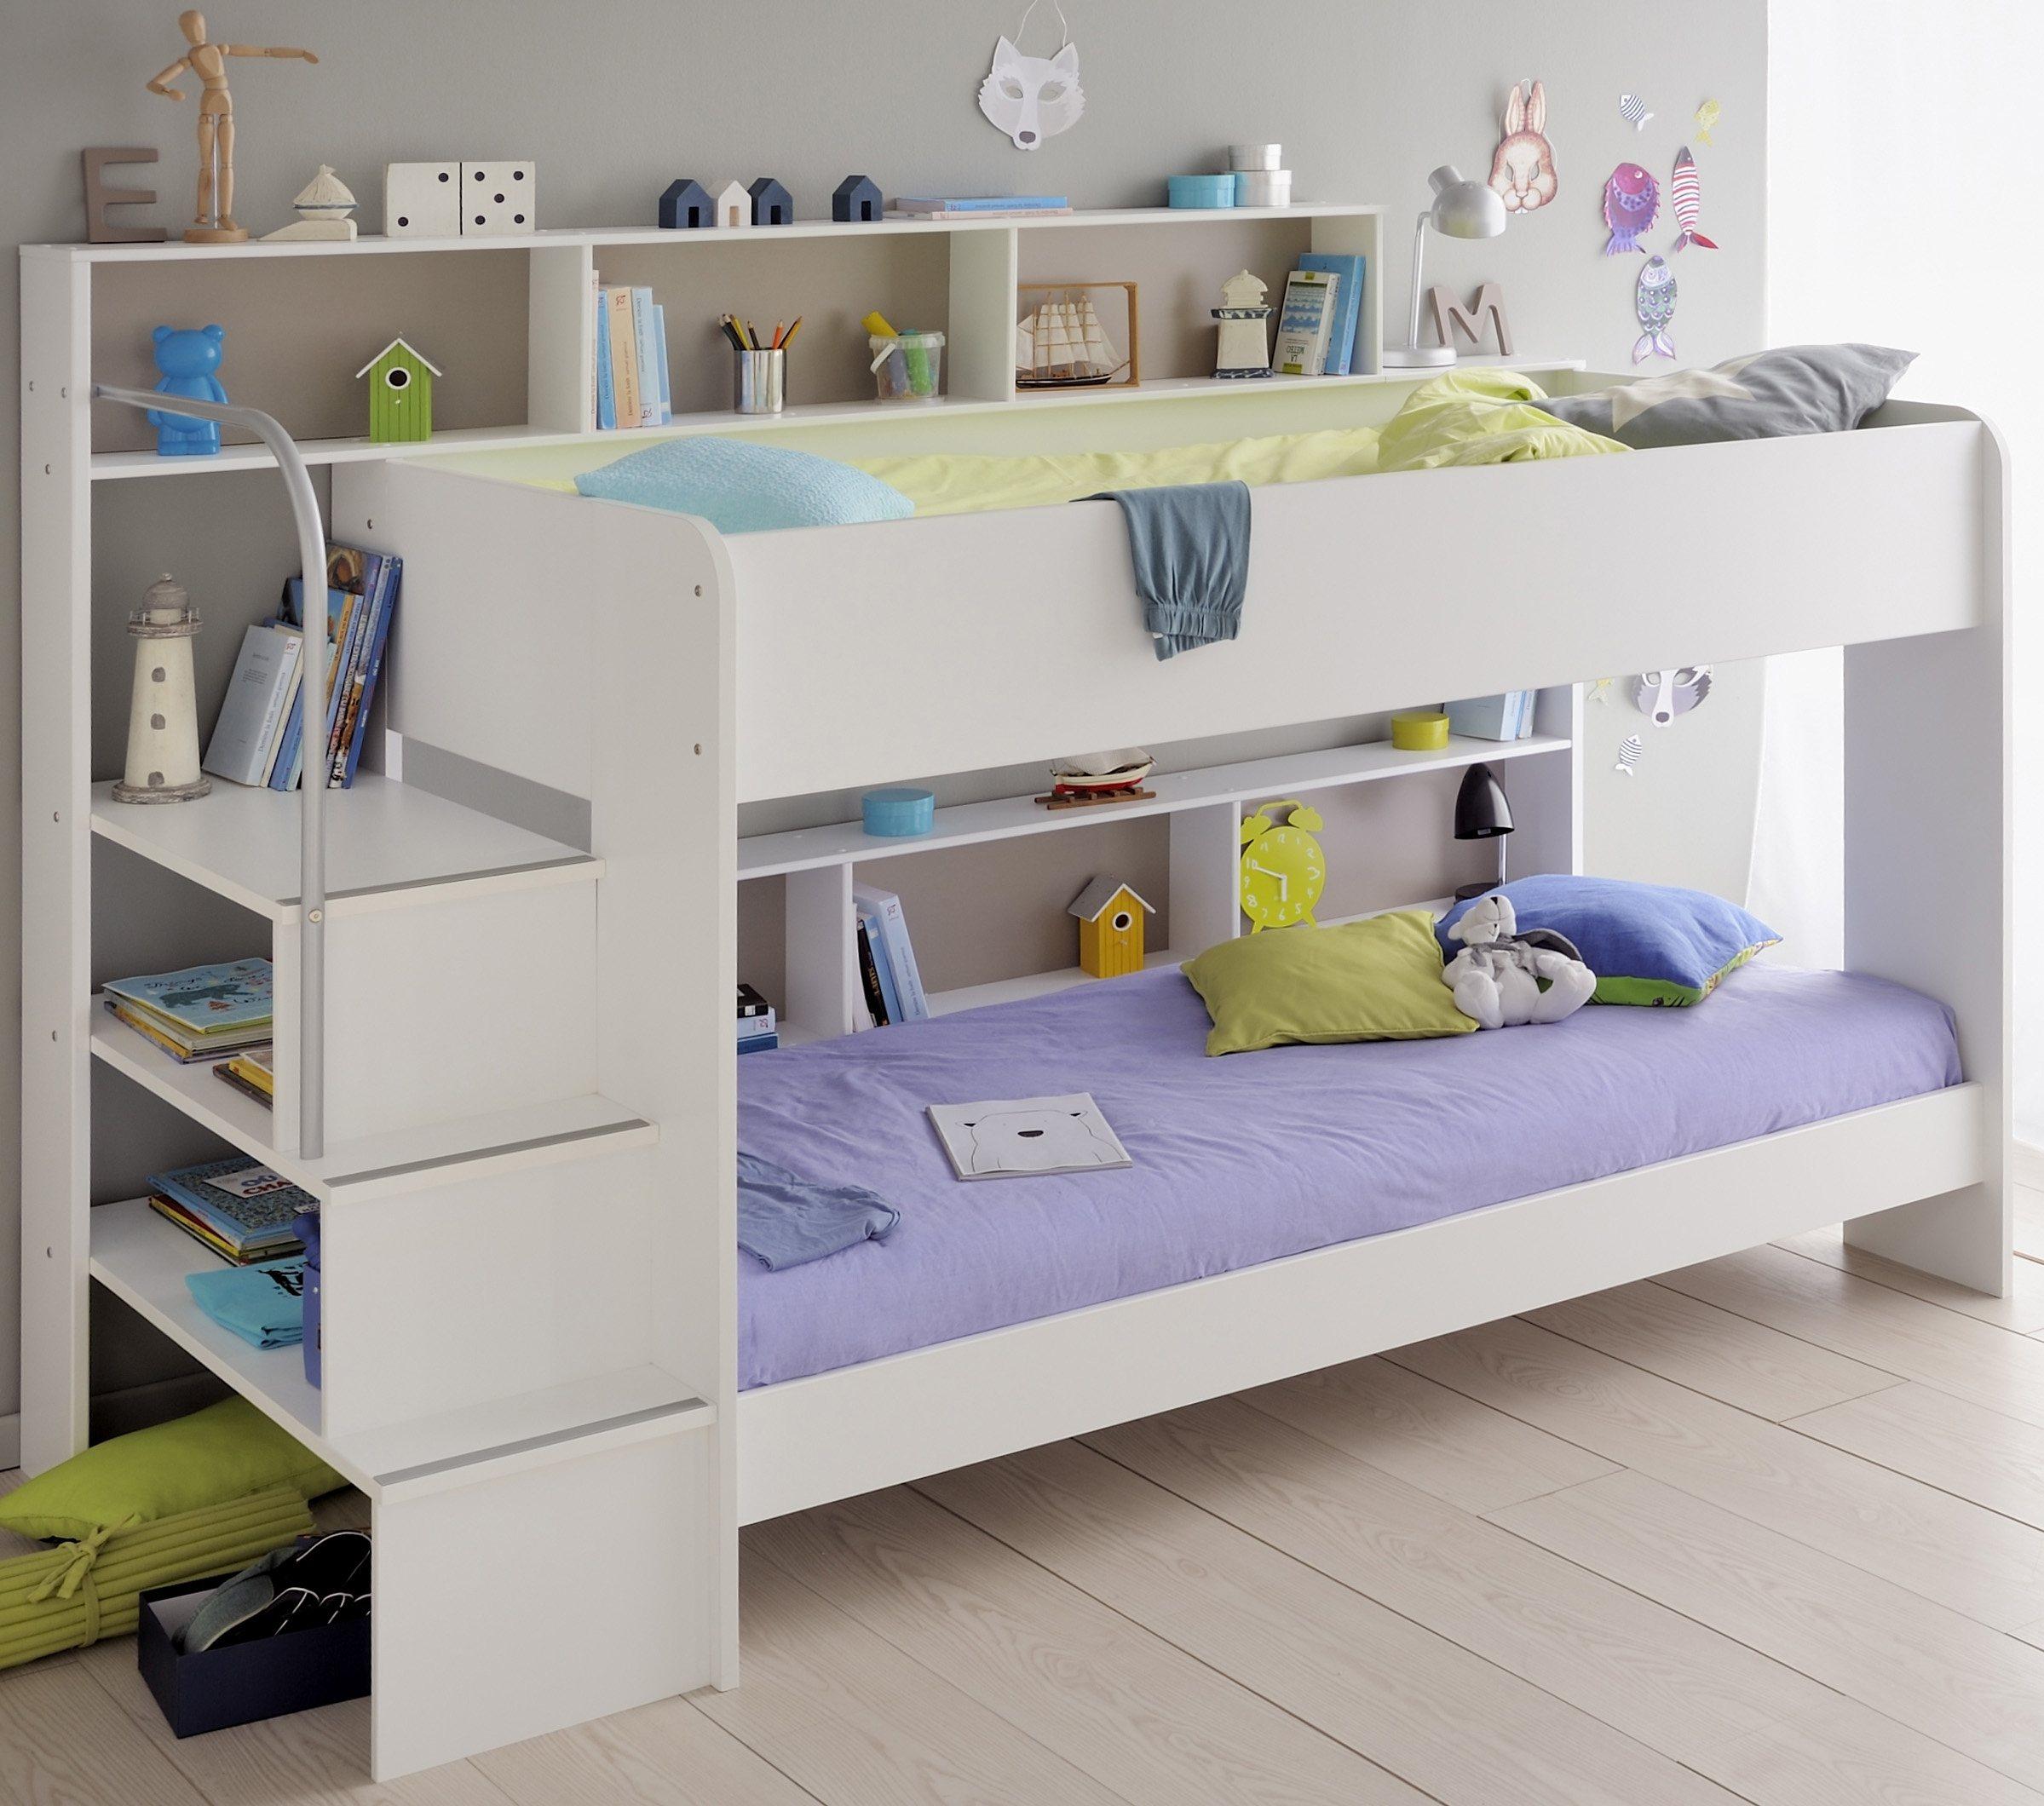 Parisot Etagenbett »Bibop« | Kinderzimmer > Kinderbetten > Etagenbetten | Weiß - Rosa - Braun | Parisot